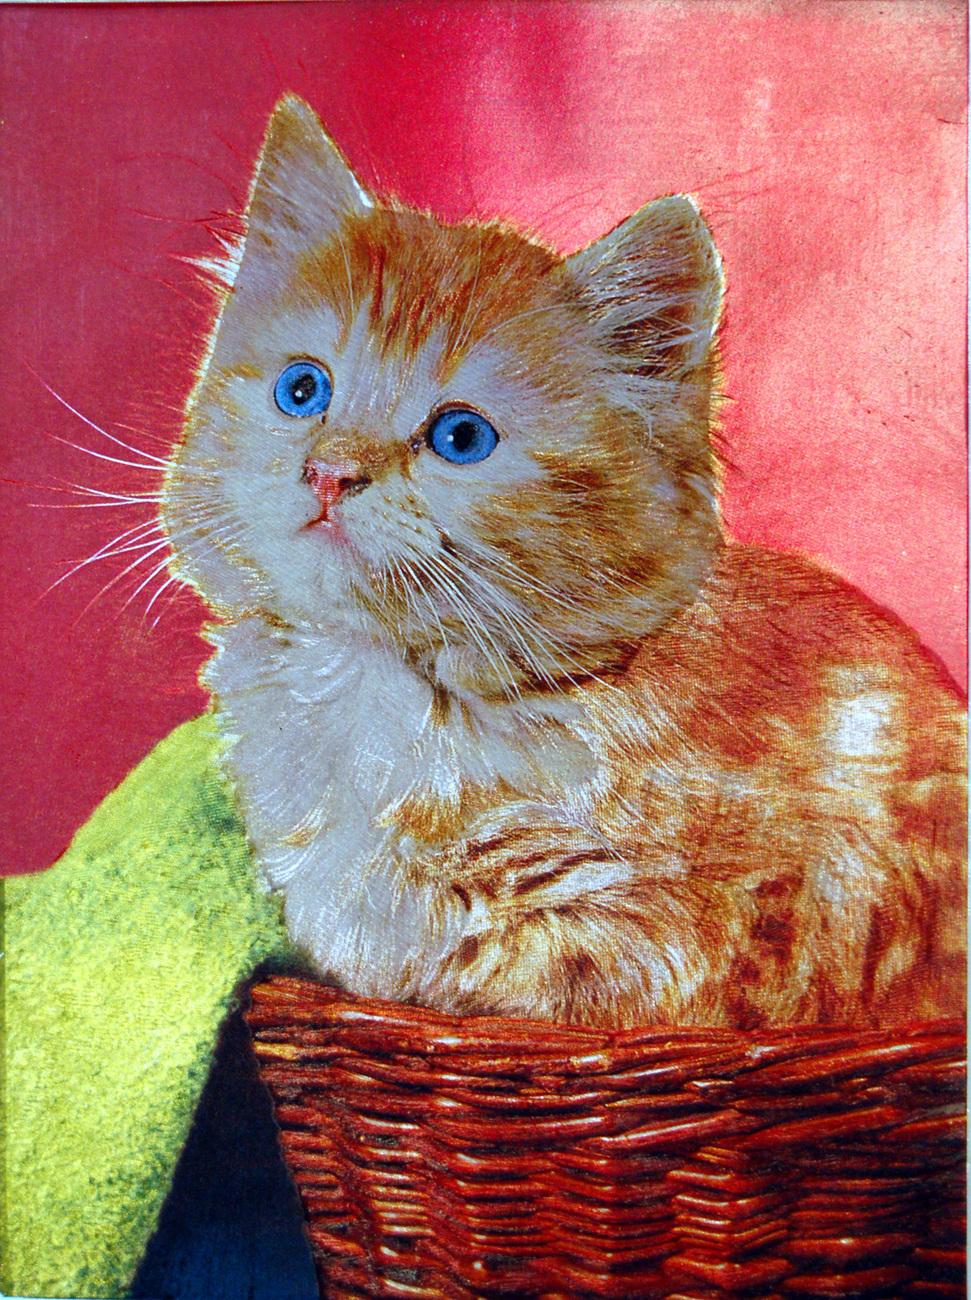 W5102m kitten in basket